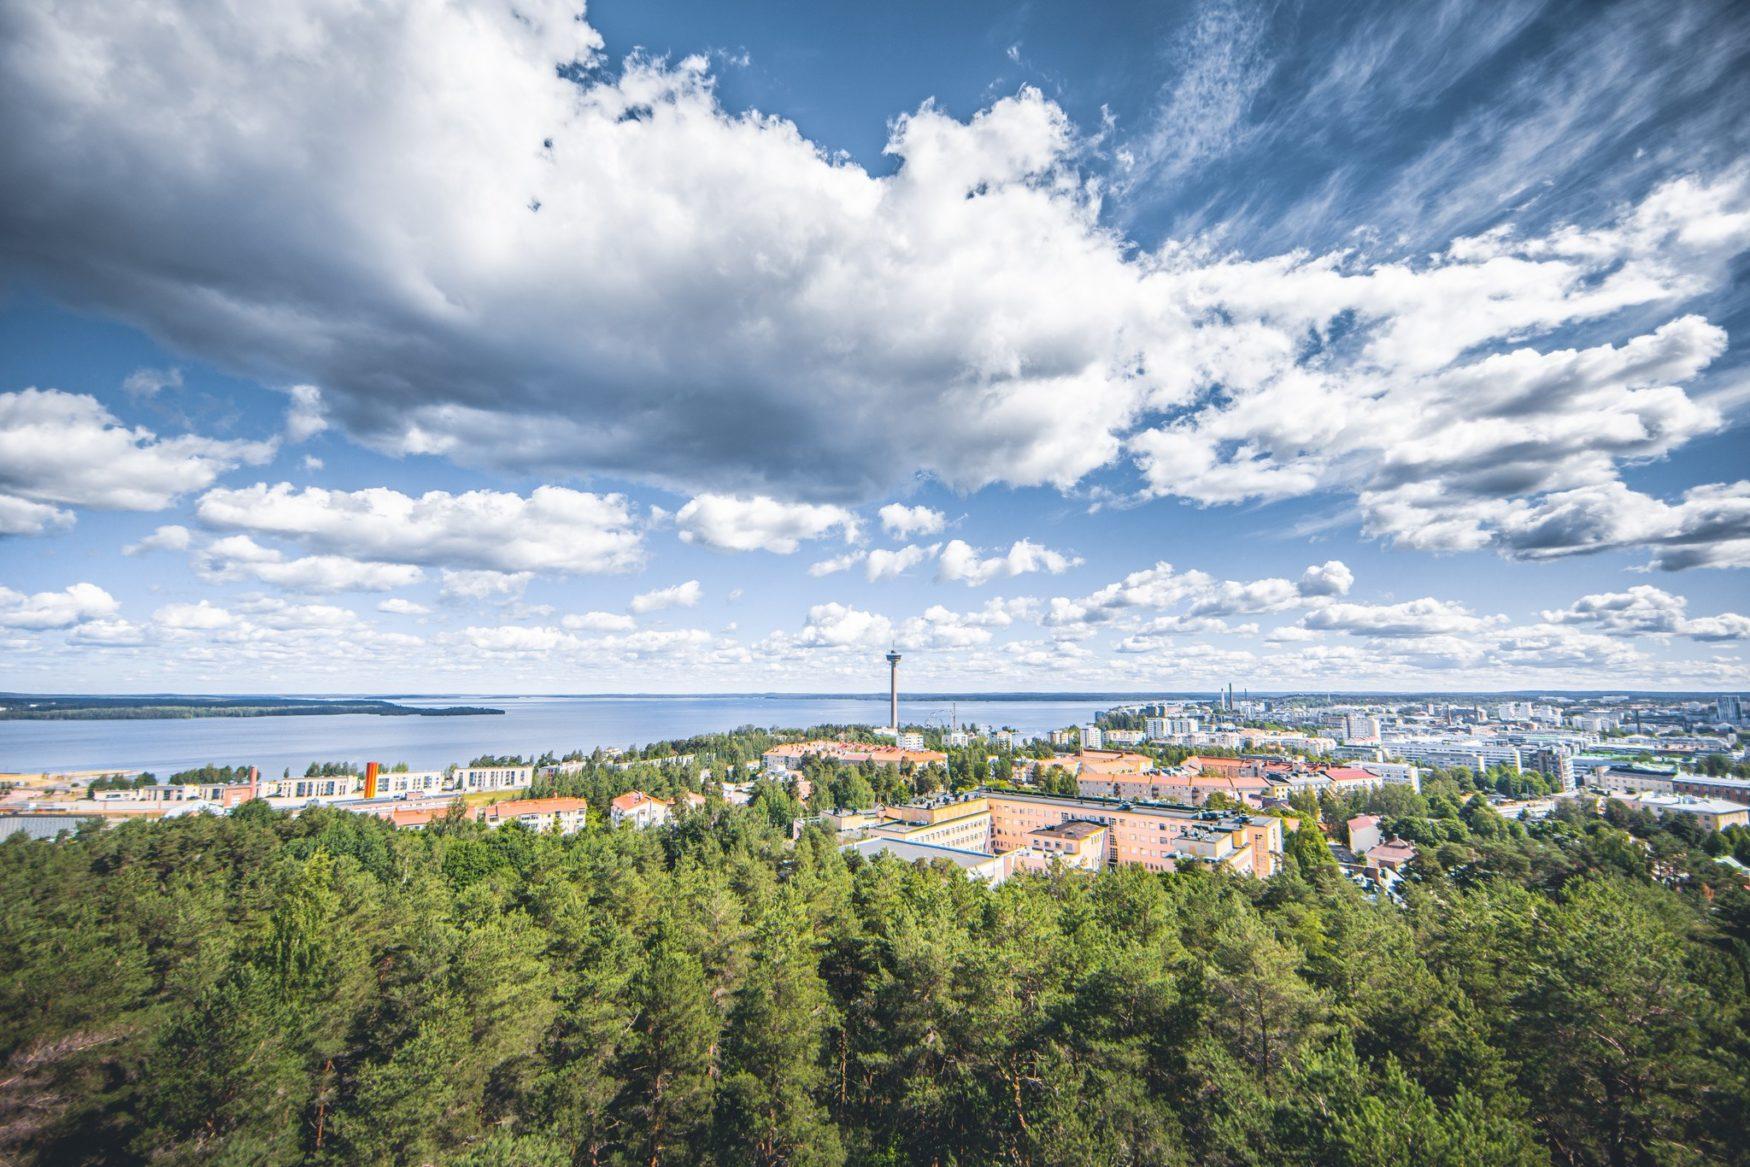 visit tampere pyynikki observation tower summer 2020 laura vanzo 2